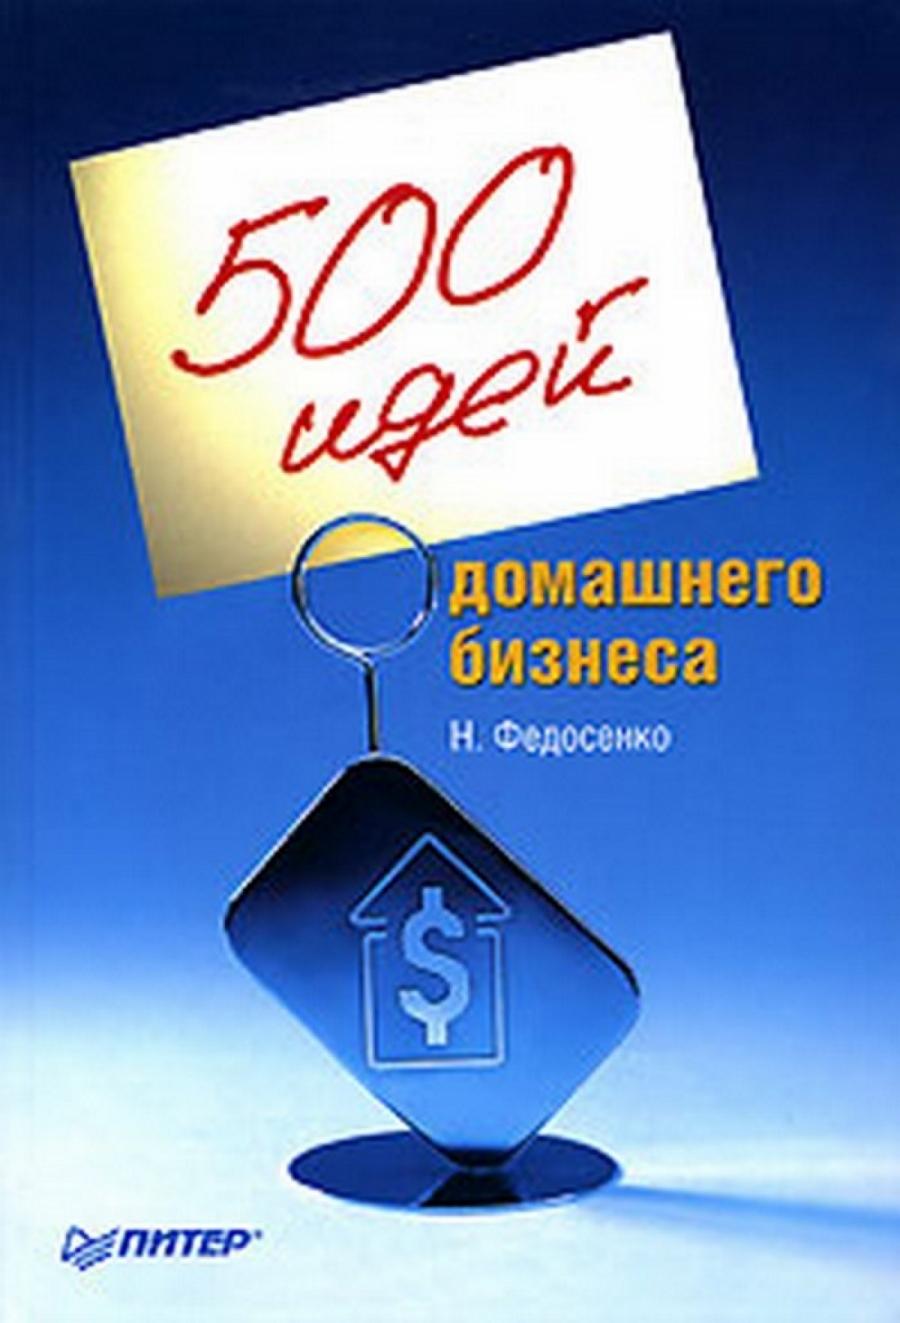 Обложка книги:  н. федосенко - 500 идей домашнего бизнеса.